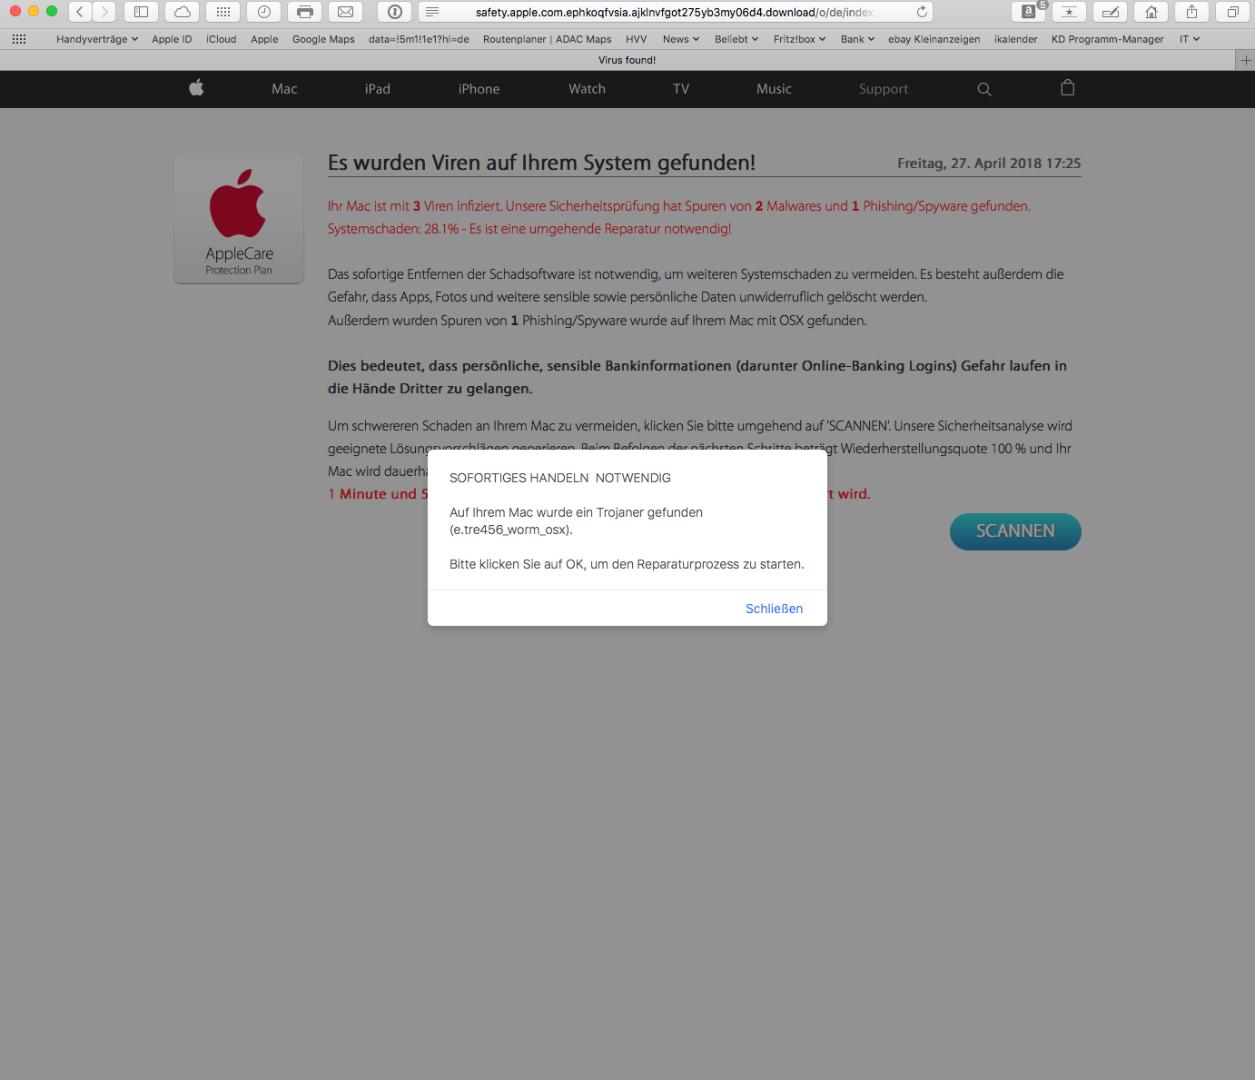 virus found on apple page - Apple Community